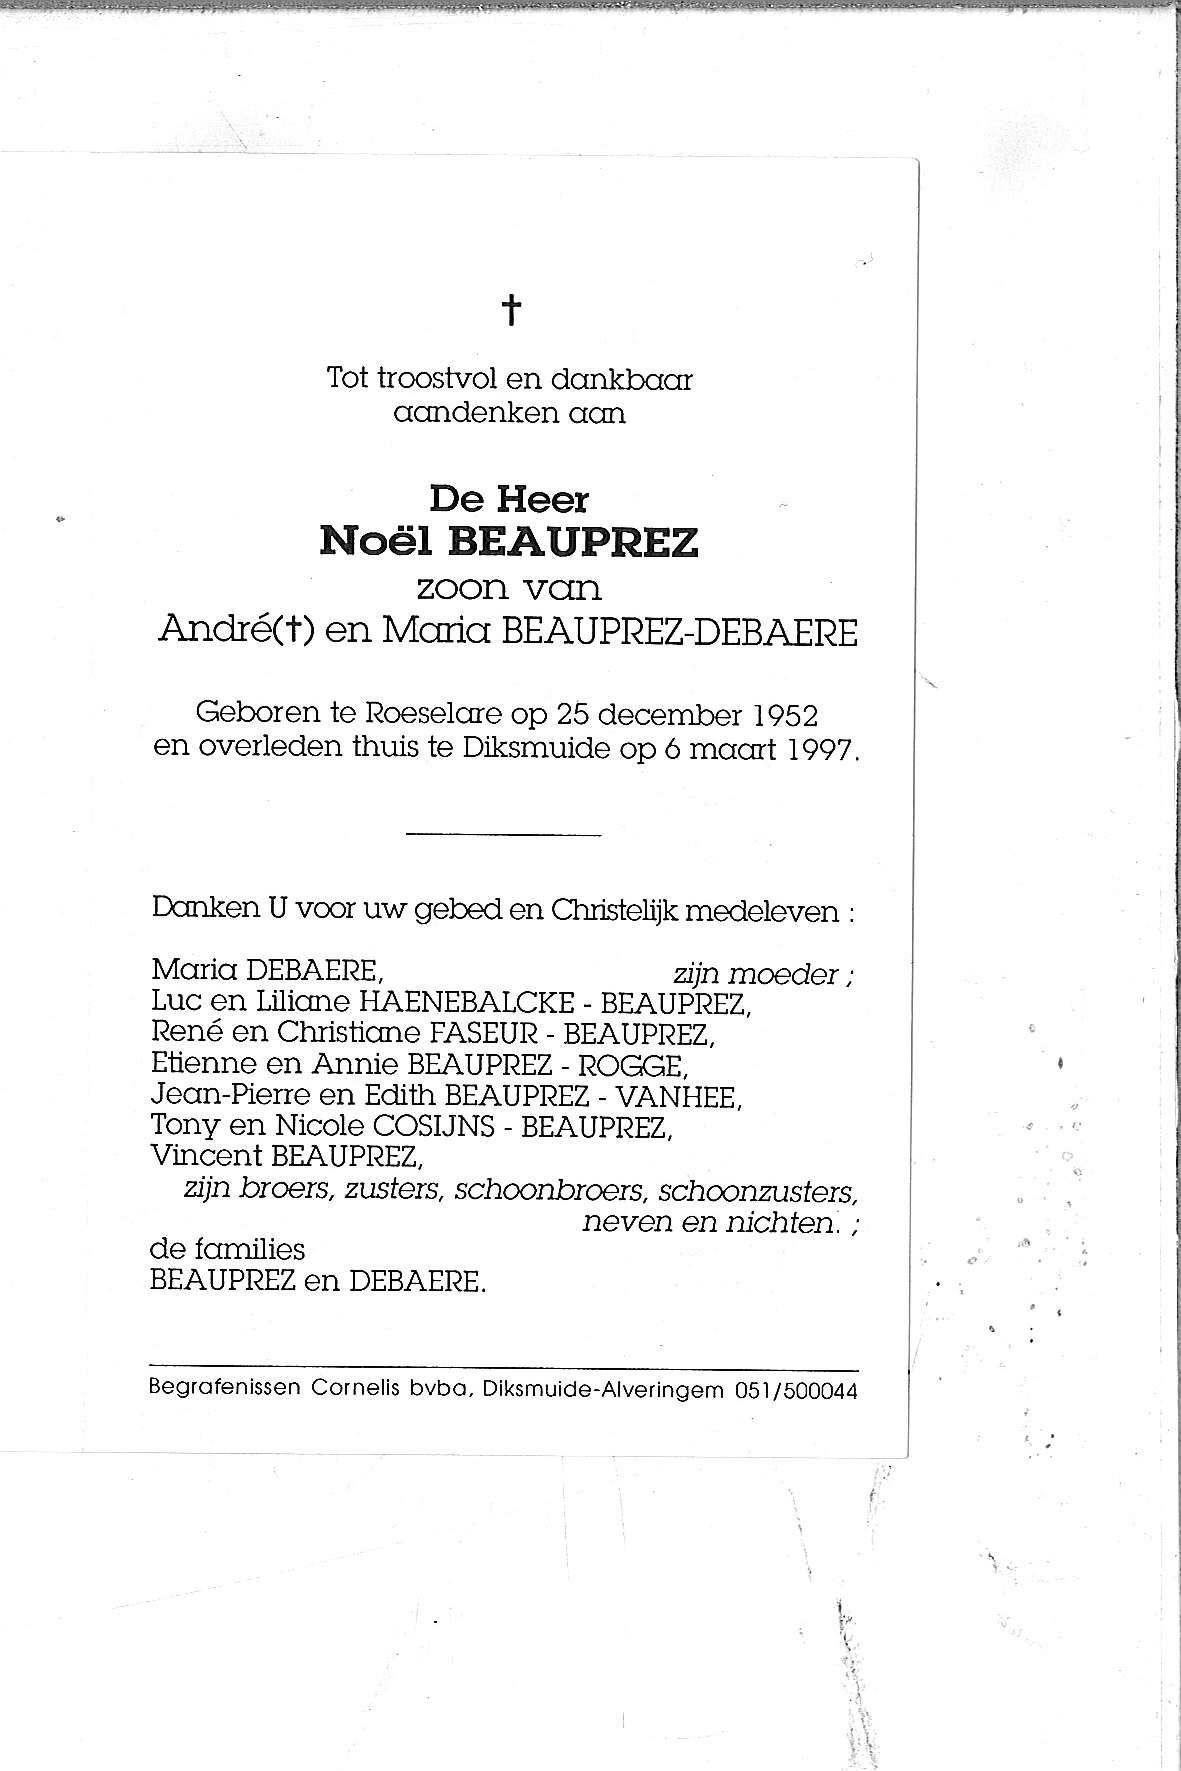 Noel(1997)20130829095800_00004.jpg